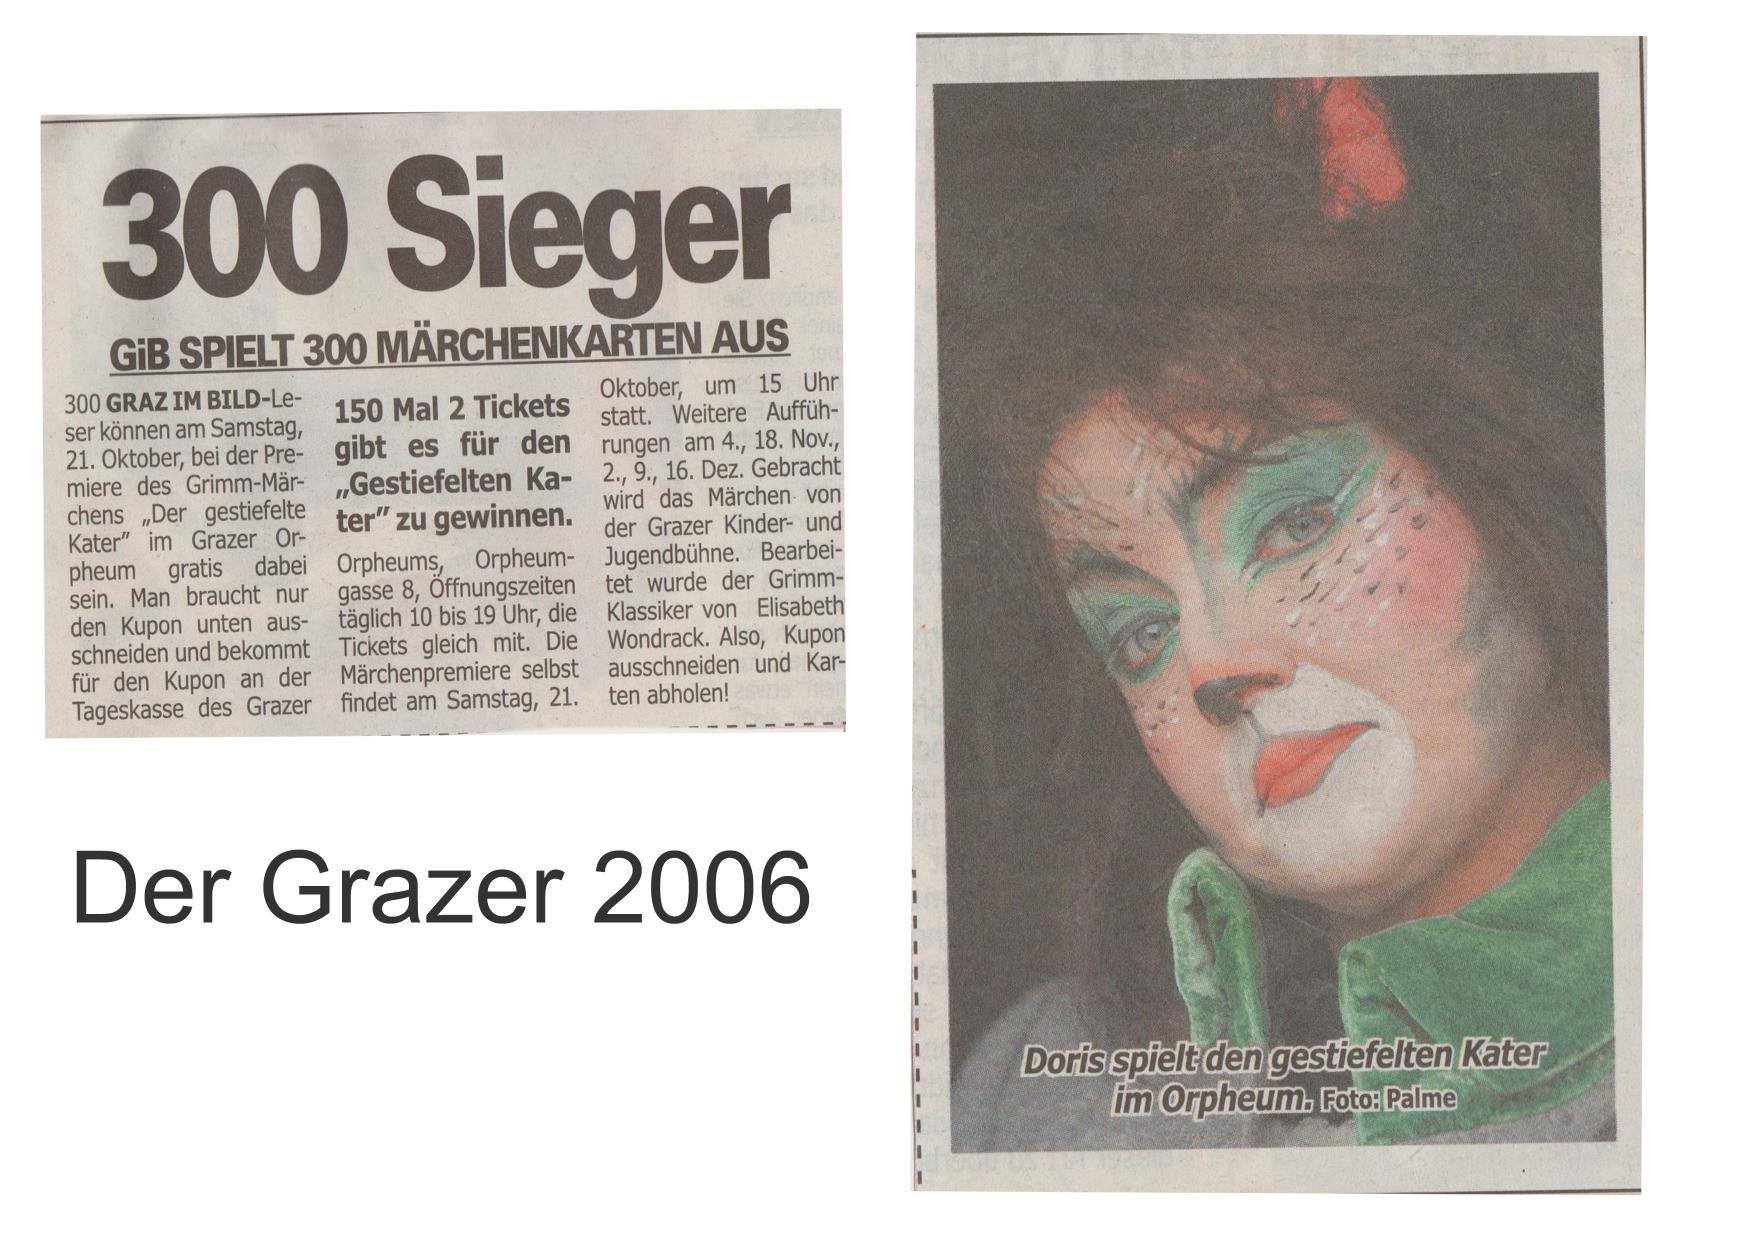 Der gestiefelte Kater 2006